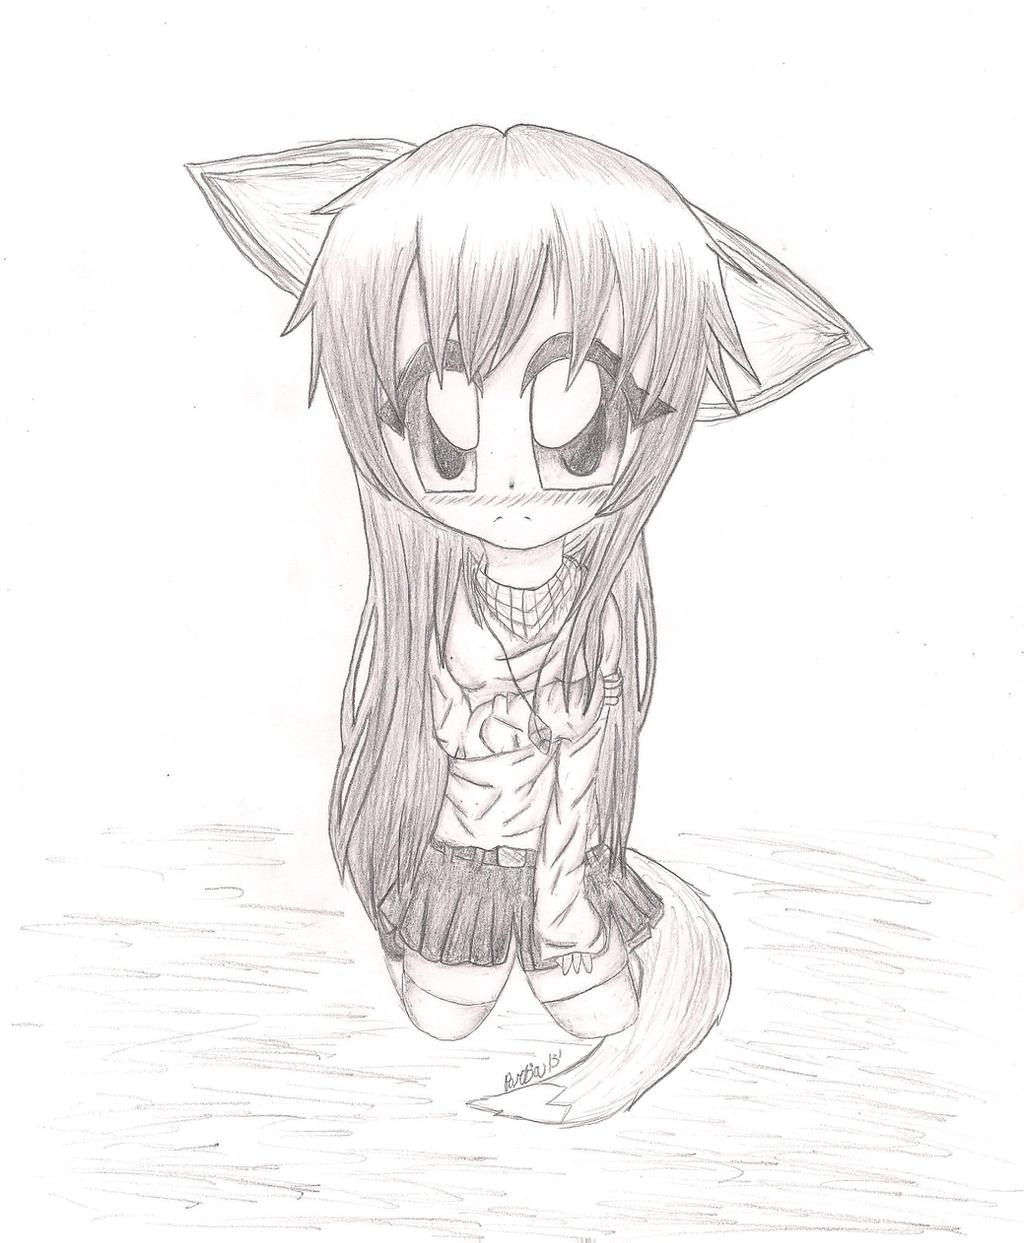 Shy Fox Anime Girl (Sketch) By MysticalWaffles On DeviantArt